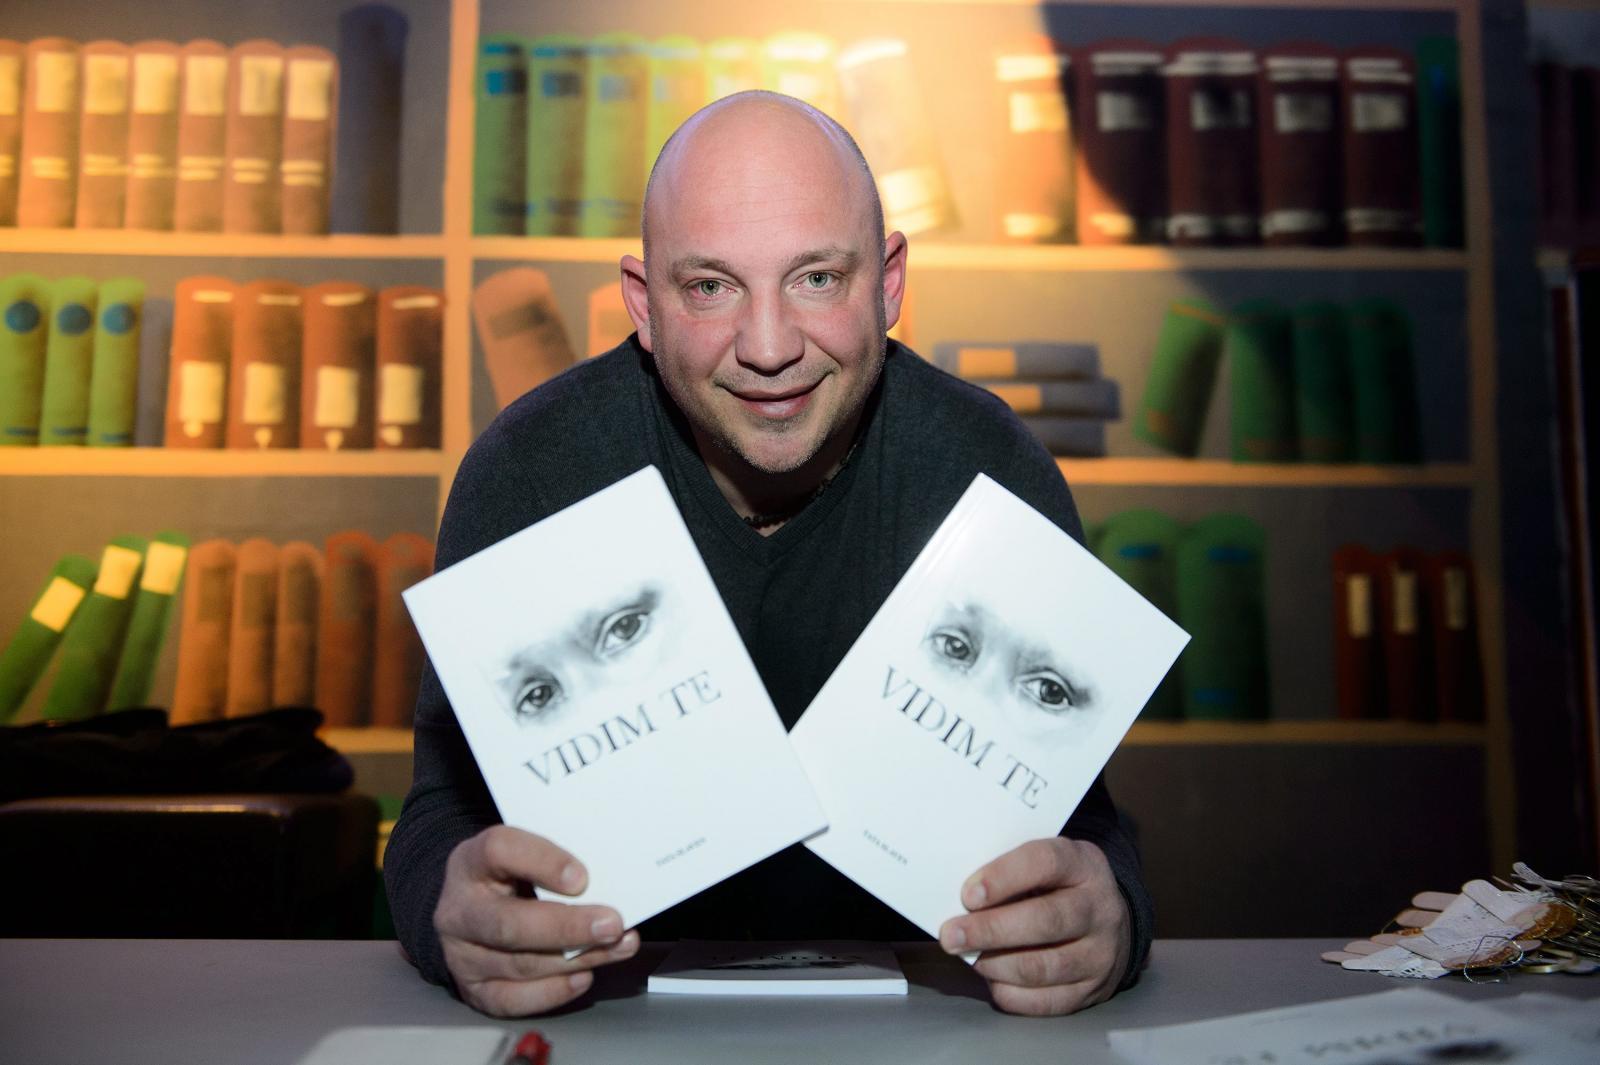 Slaven Vujić svoju je knjigu prodavao za sto kuna, no u Njemačkoj su mu ljudi davali za nju i po 200 eura. Račun, a ni potvrdu o plaćanju nisu dobili, navodi njegov bivši suradnik.